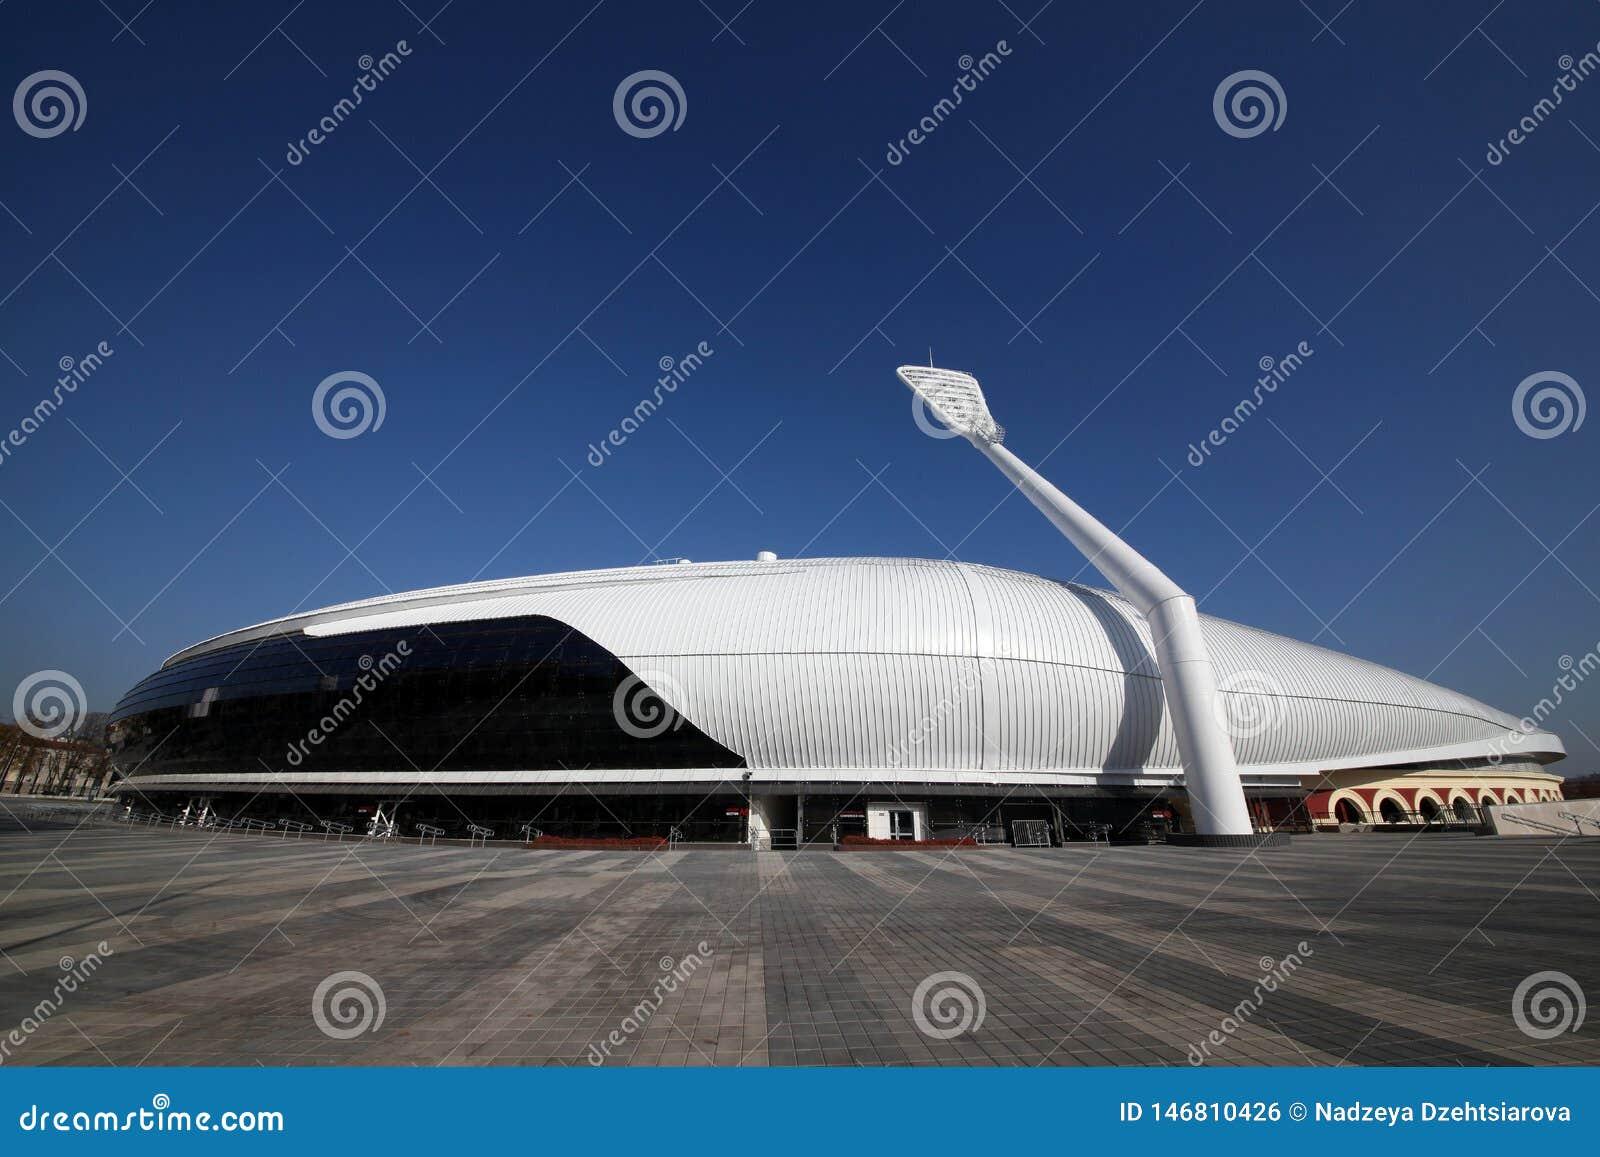 Estádio do dínamo após a reconstrução antes do I mim jogos europeus em 2019